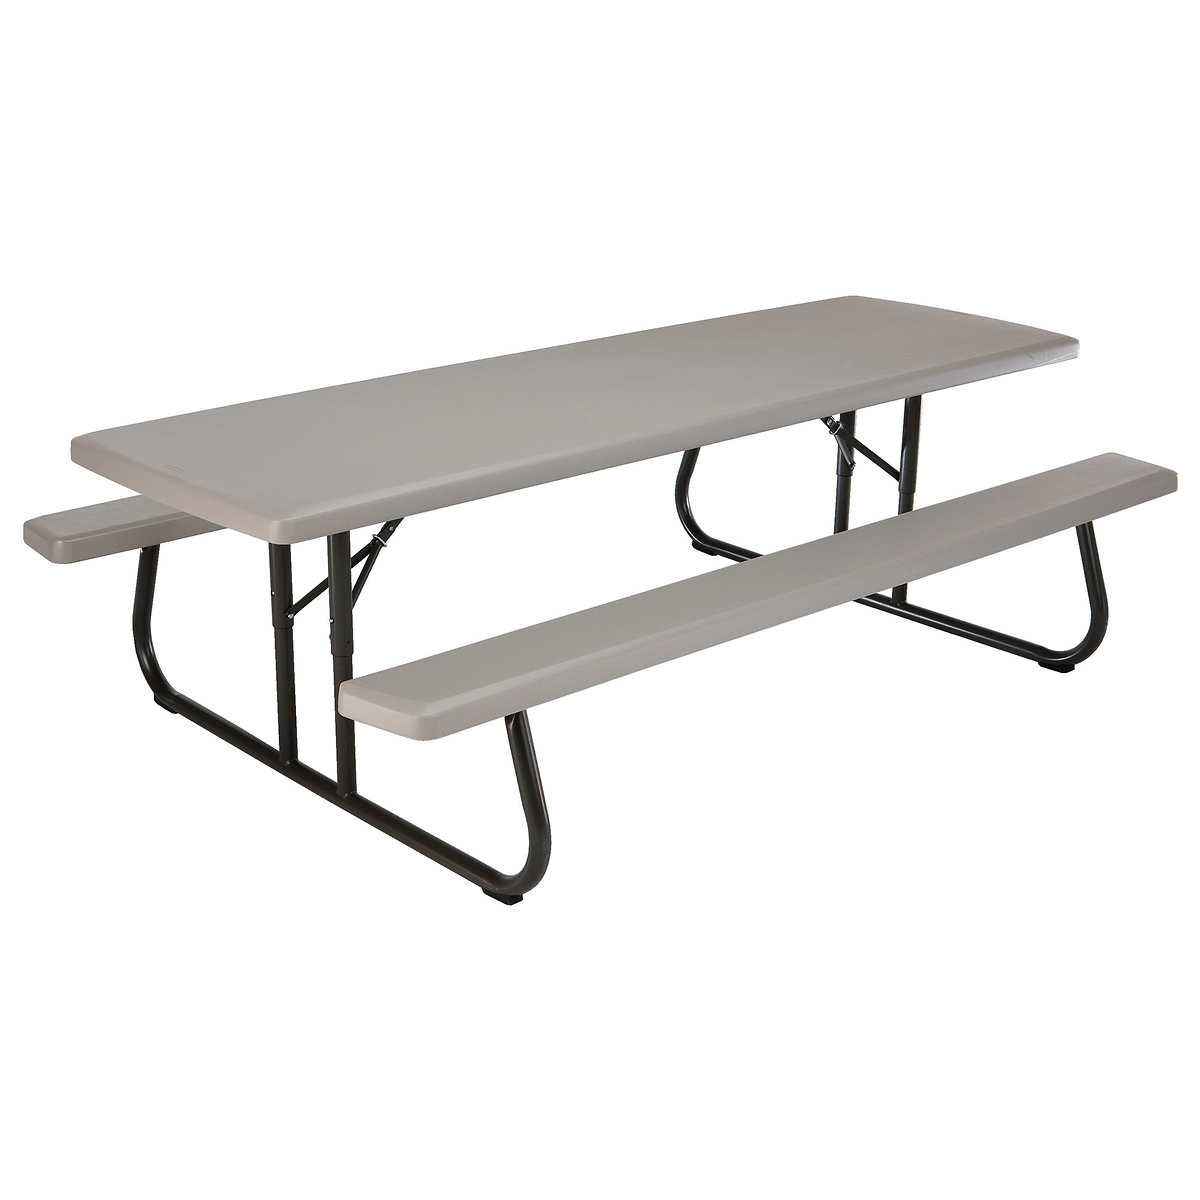 - Lifetime 8' Folding Picnic Table Folding Picnic Table, Picnic